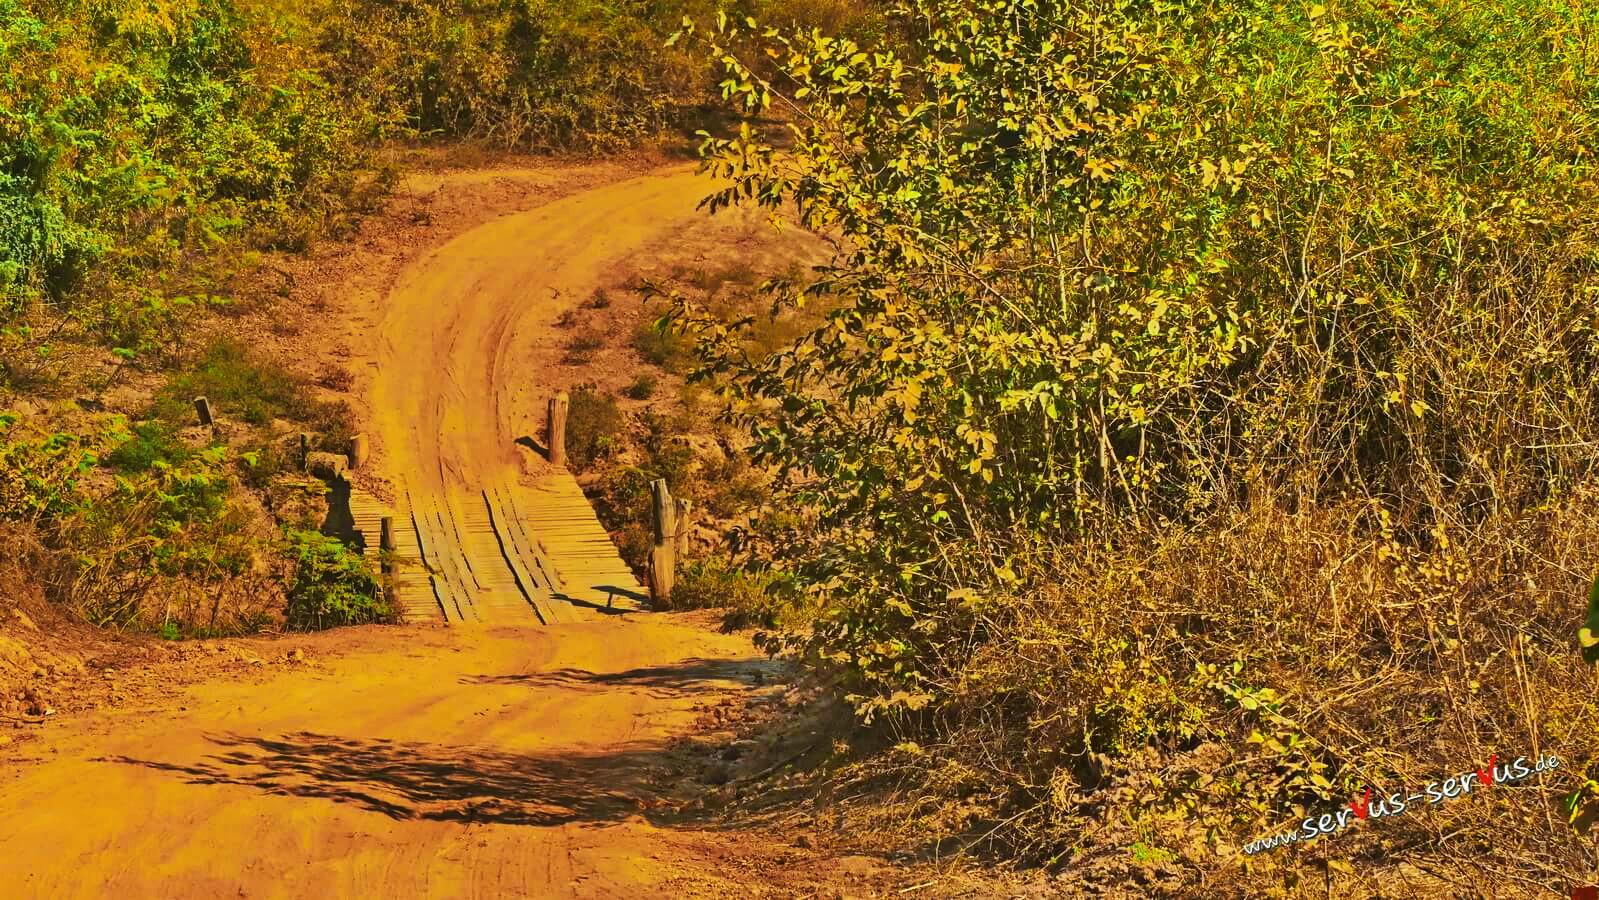 Abenteuerliche Brücke im Dschungel von Laos